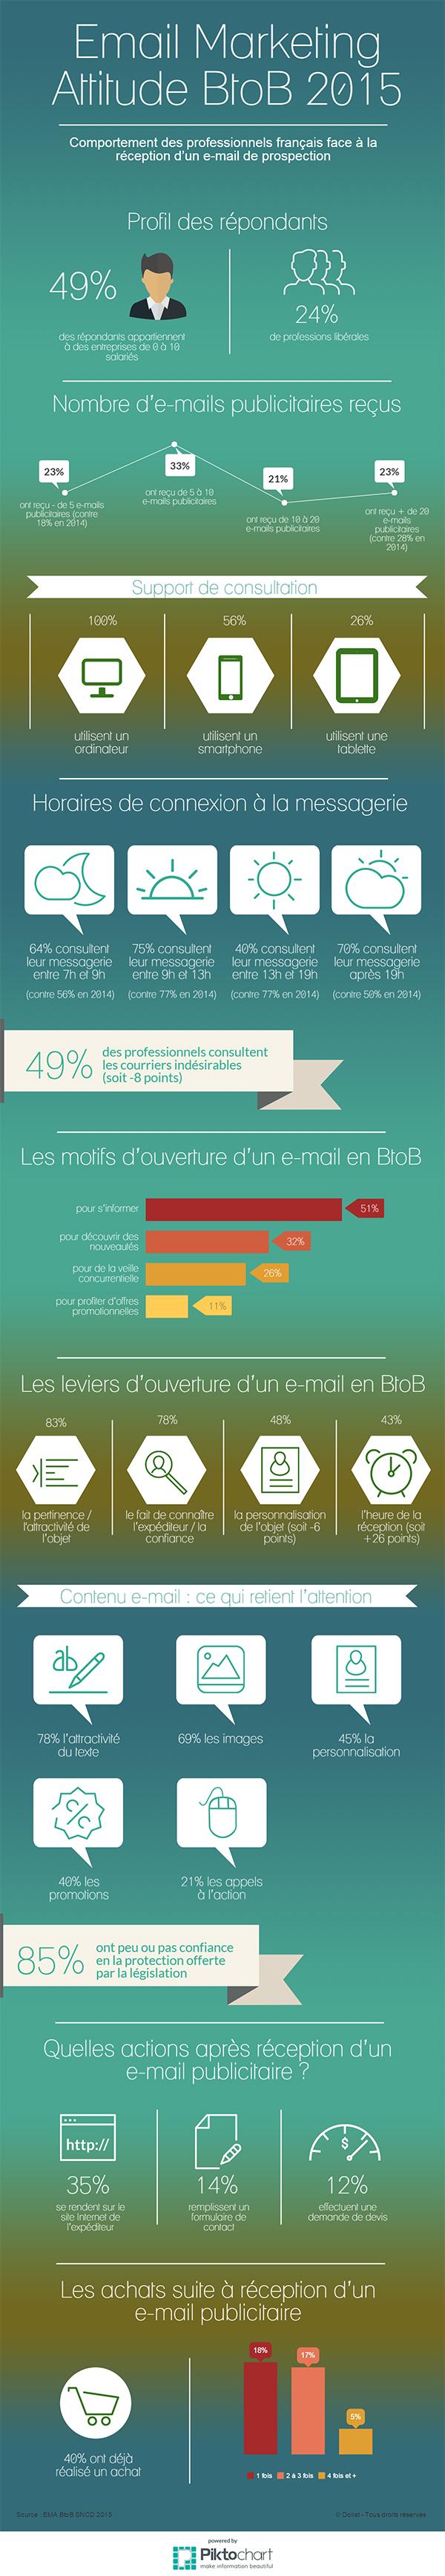 Emailing-B2B-les-comportements-des-professionnels